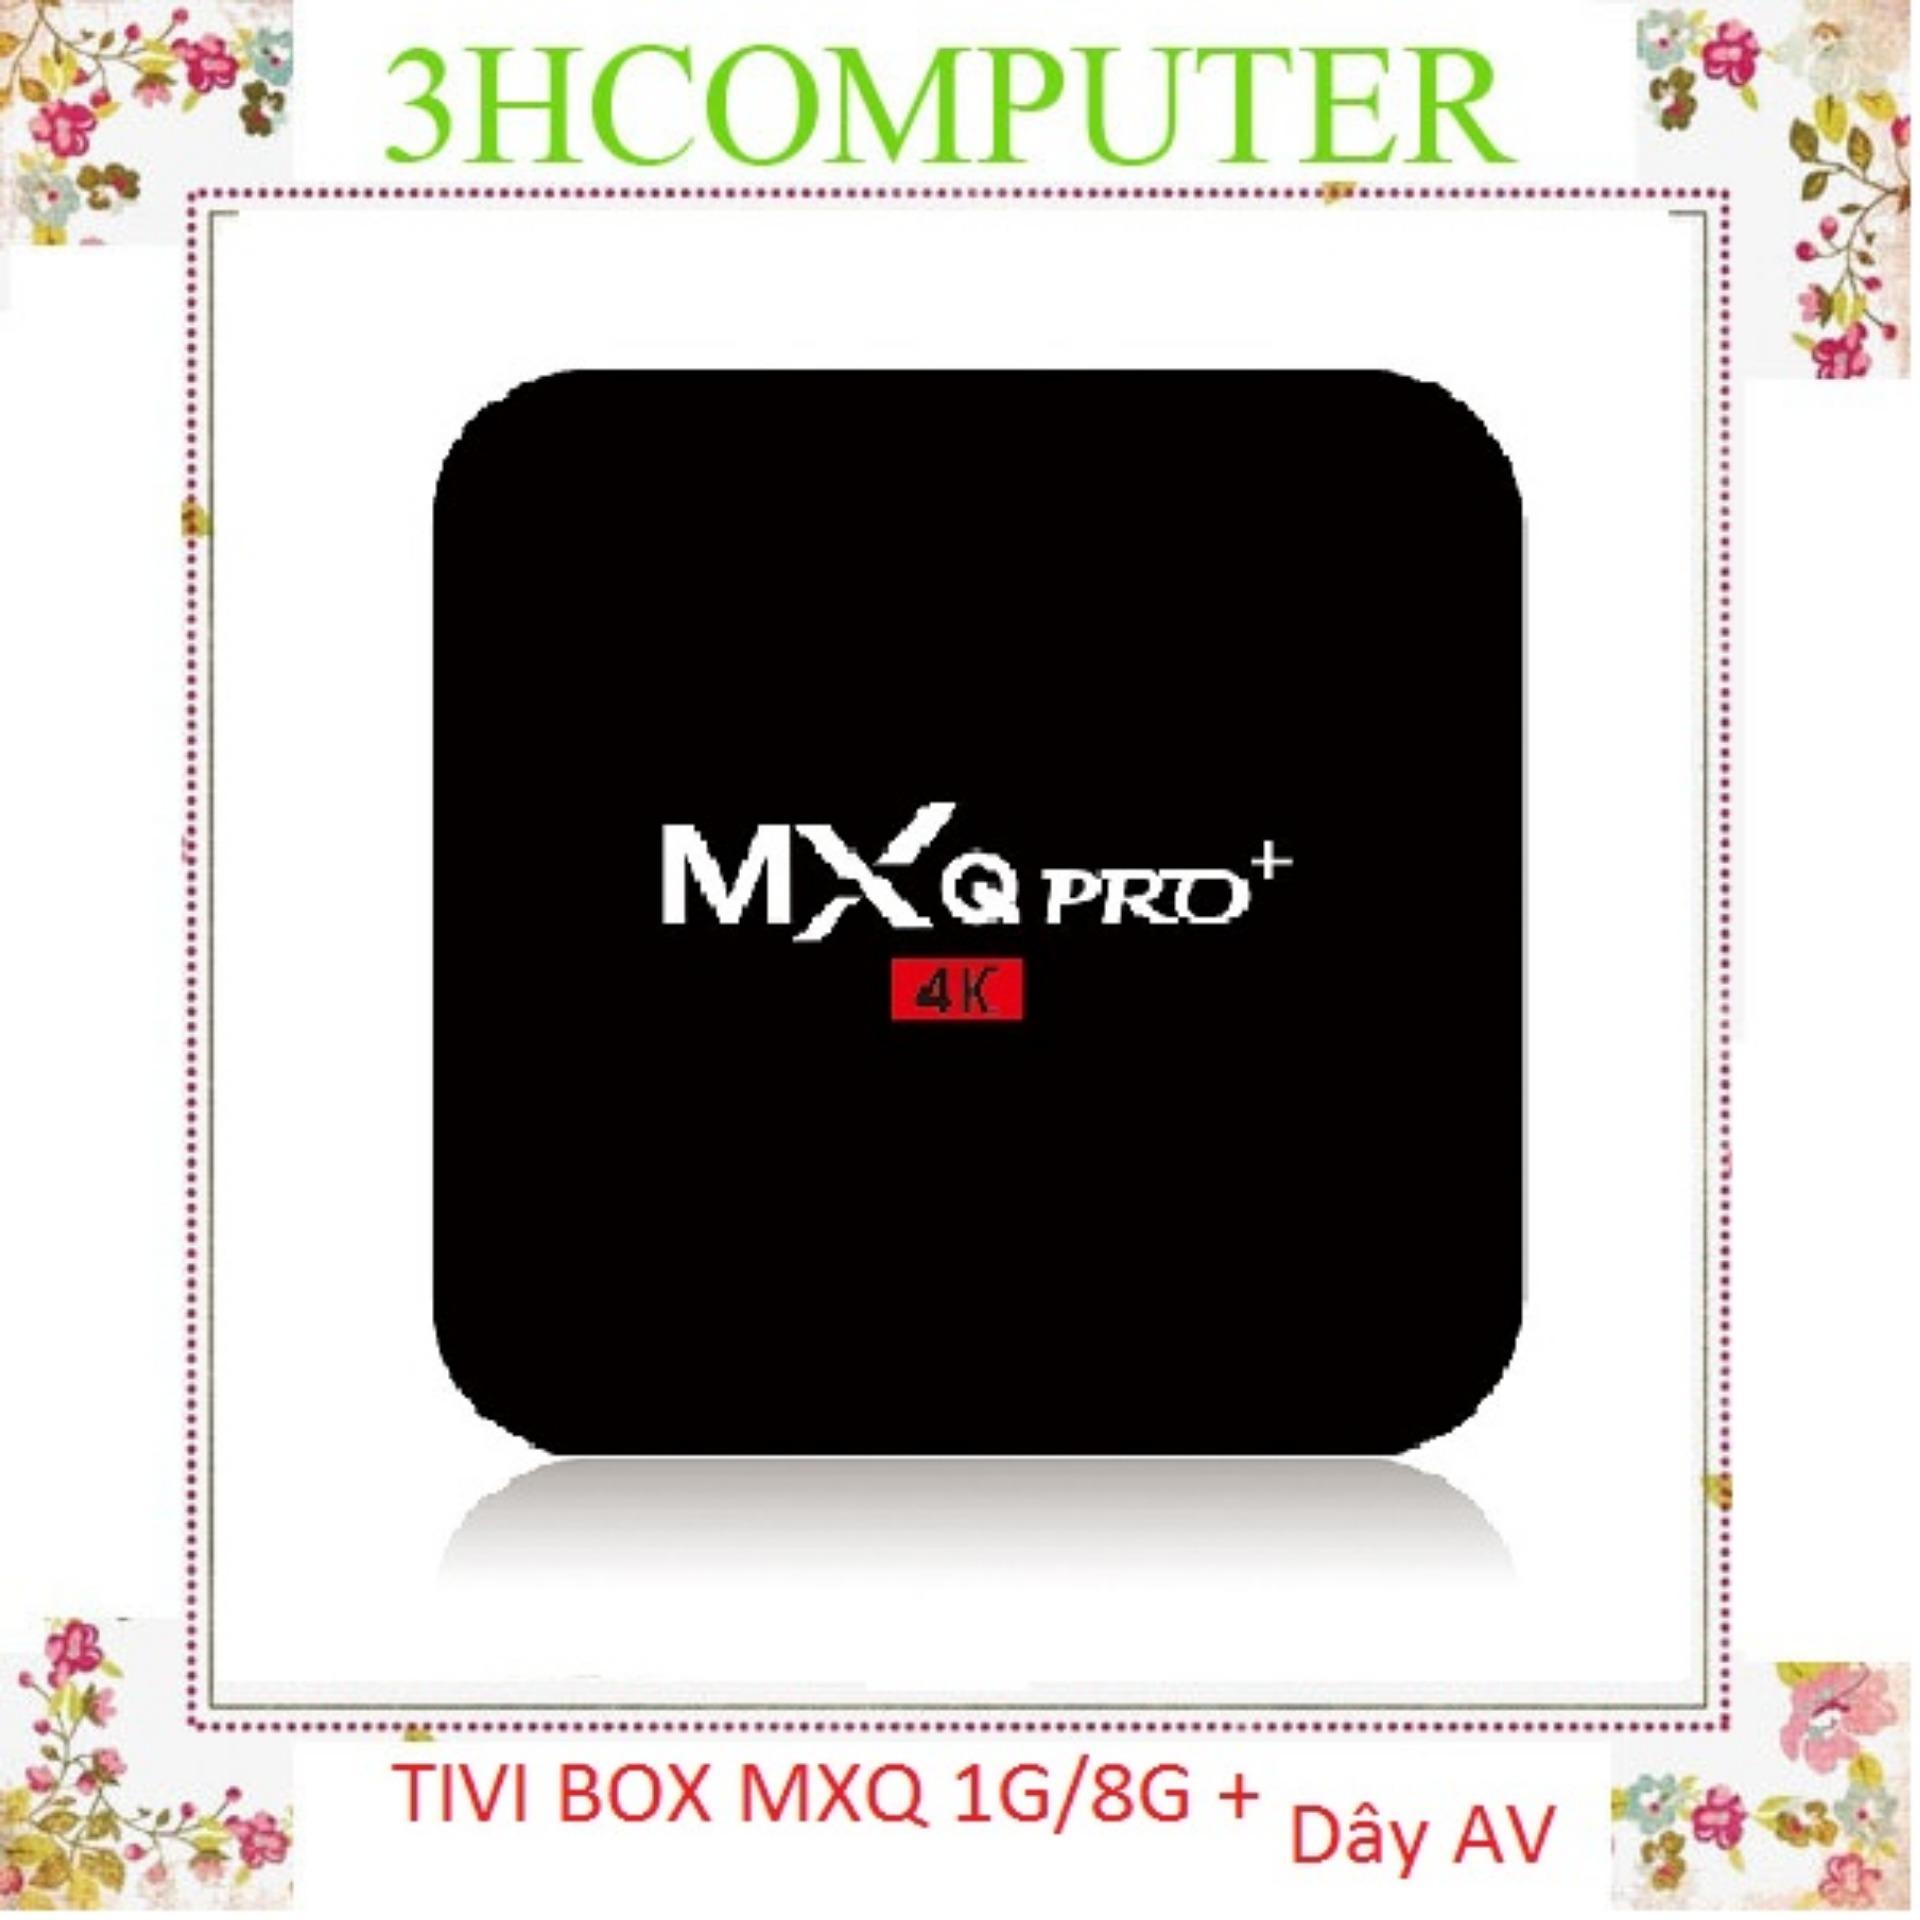 Hình ảnh Tivi Box MXQ-4K Pro Với Android 7.1.2 Siêu Mạnh SIêu Nhanh Phiên Bản 3/2018